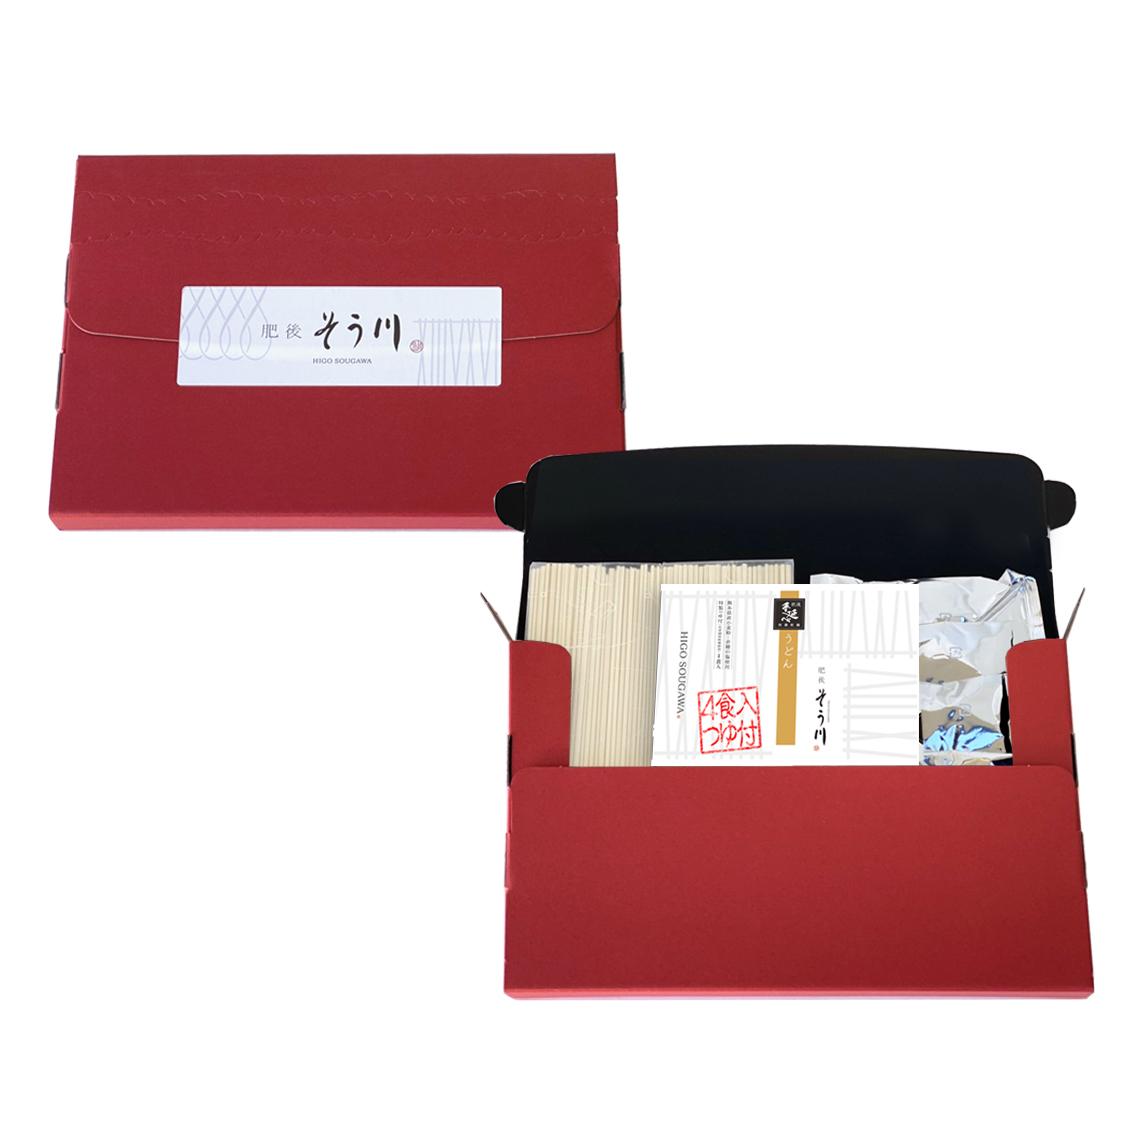 徳用乾うどん(つゆ付/4食入)の商品イメージ